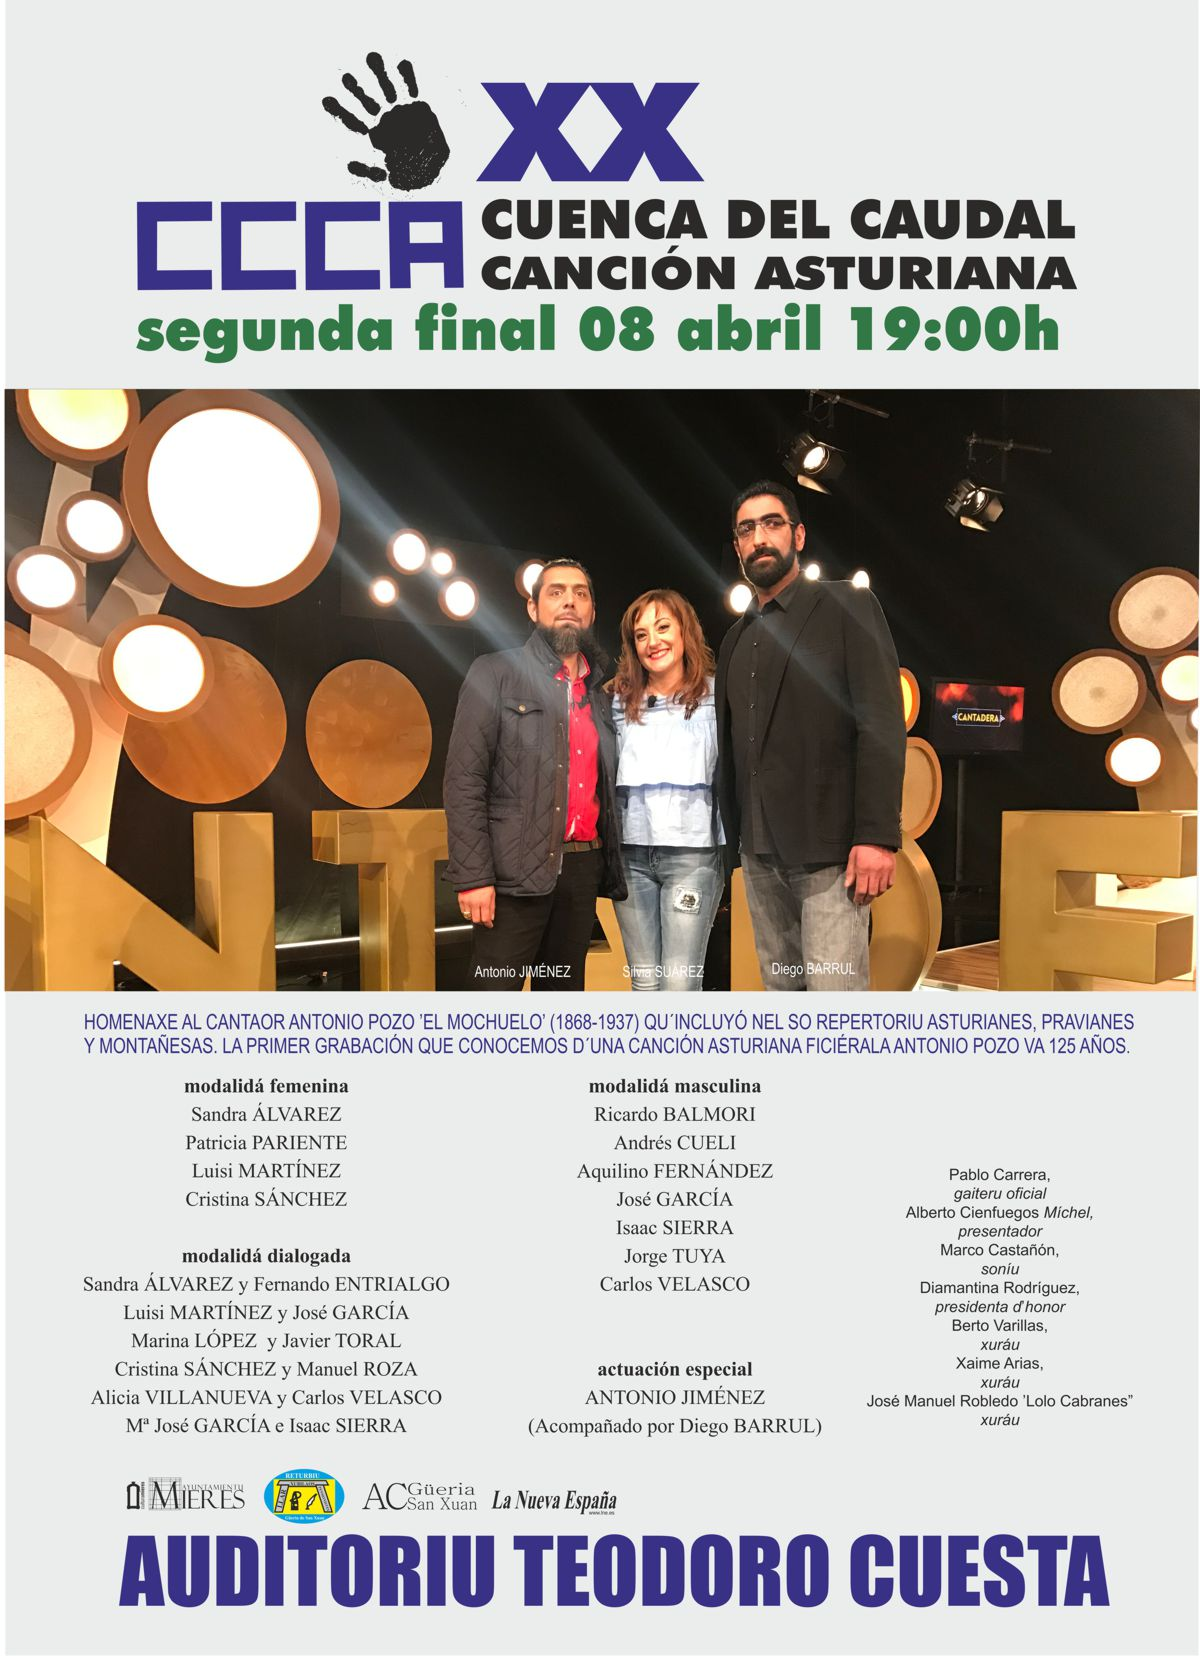 cartel web segunda final XX Concursu Cuenca Caudal